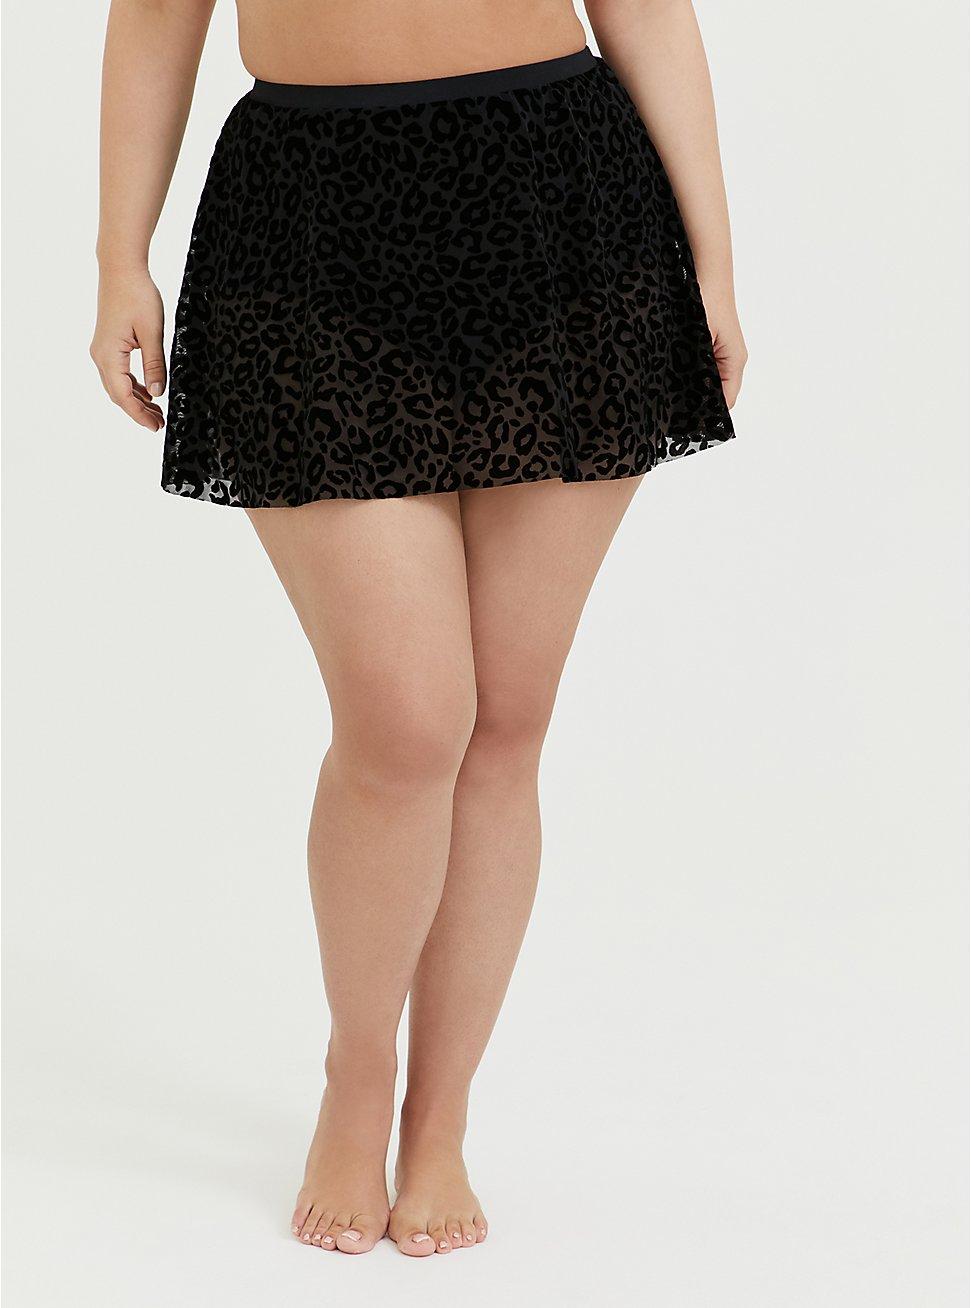 Plus Size Black Leopard Flocked Mesh High Waist Skater Swim Skirt, , hi-res